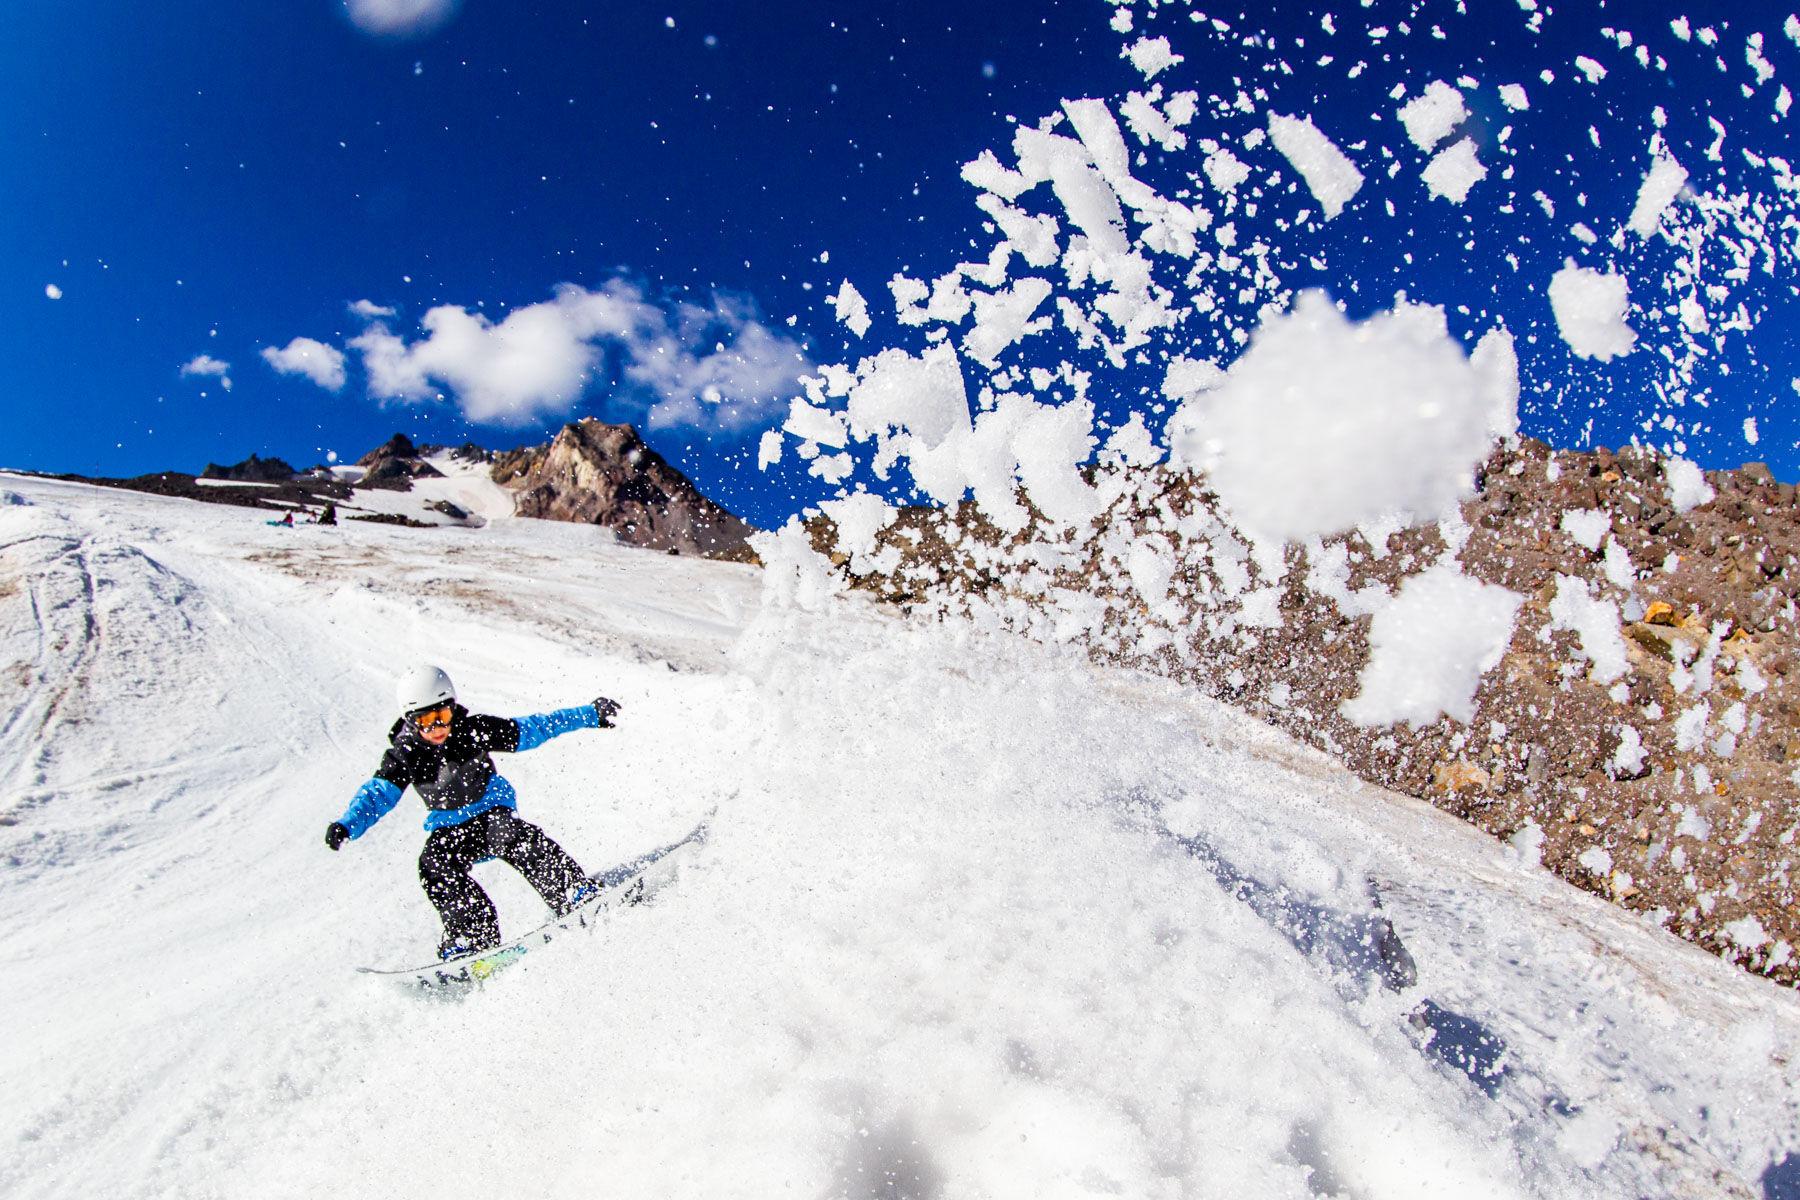 Snow flying at camera